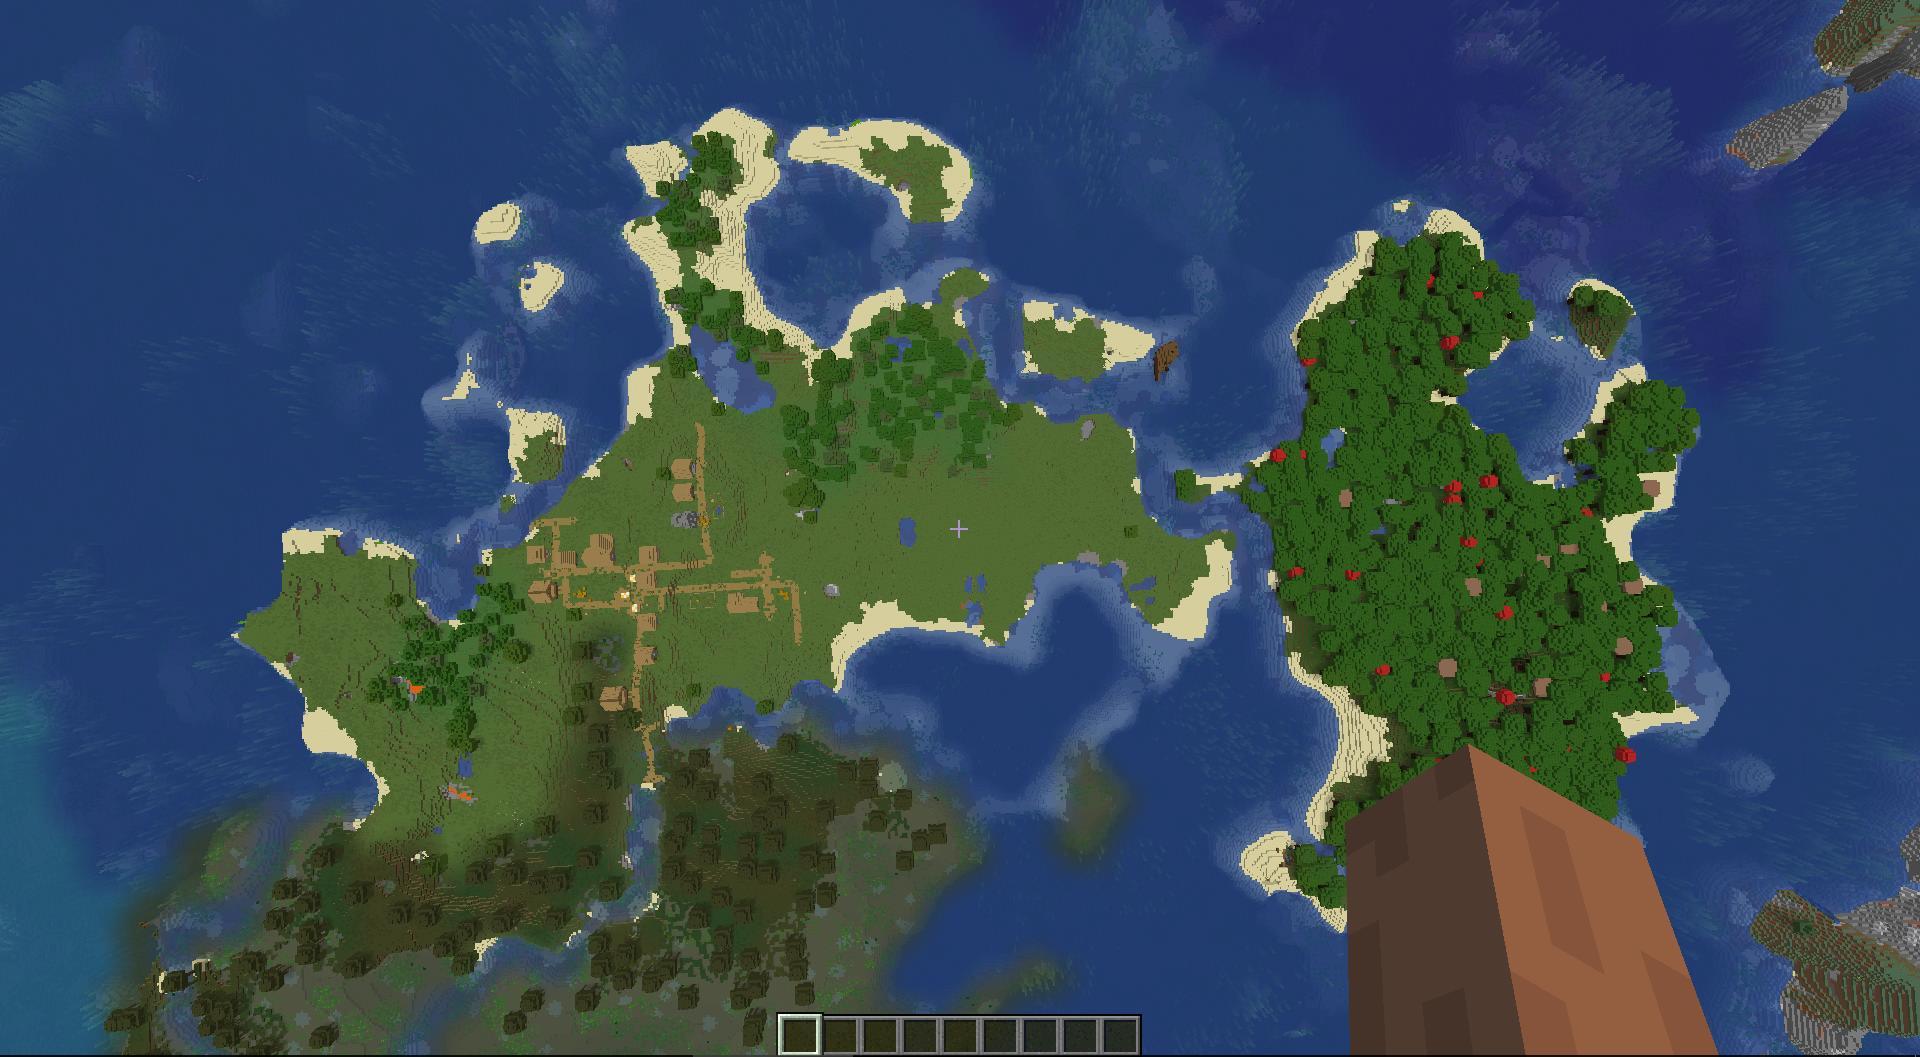 Сид «Два кораблекрушения, деревня и лесной остров» - скриншот 1